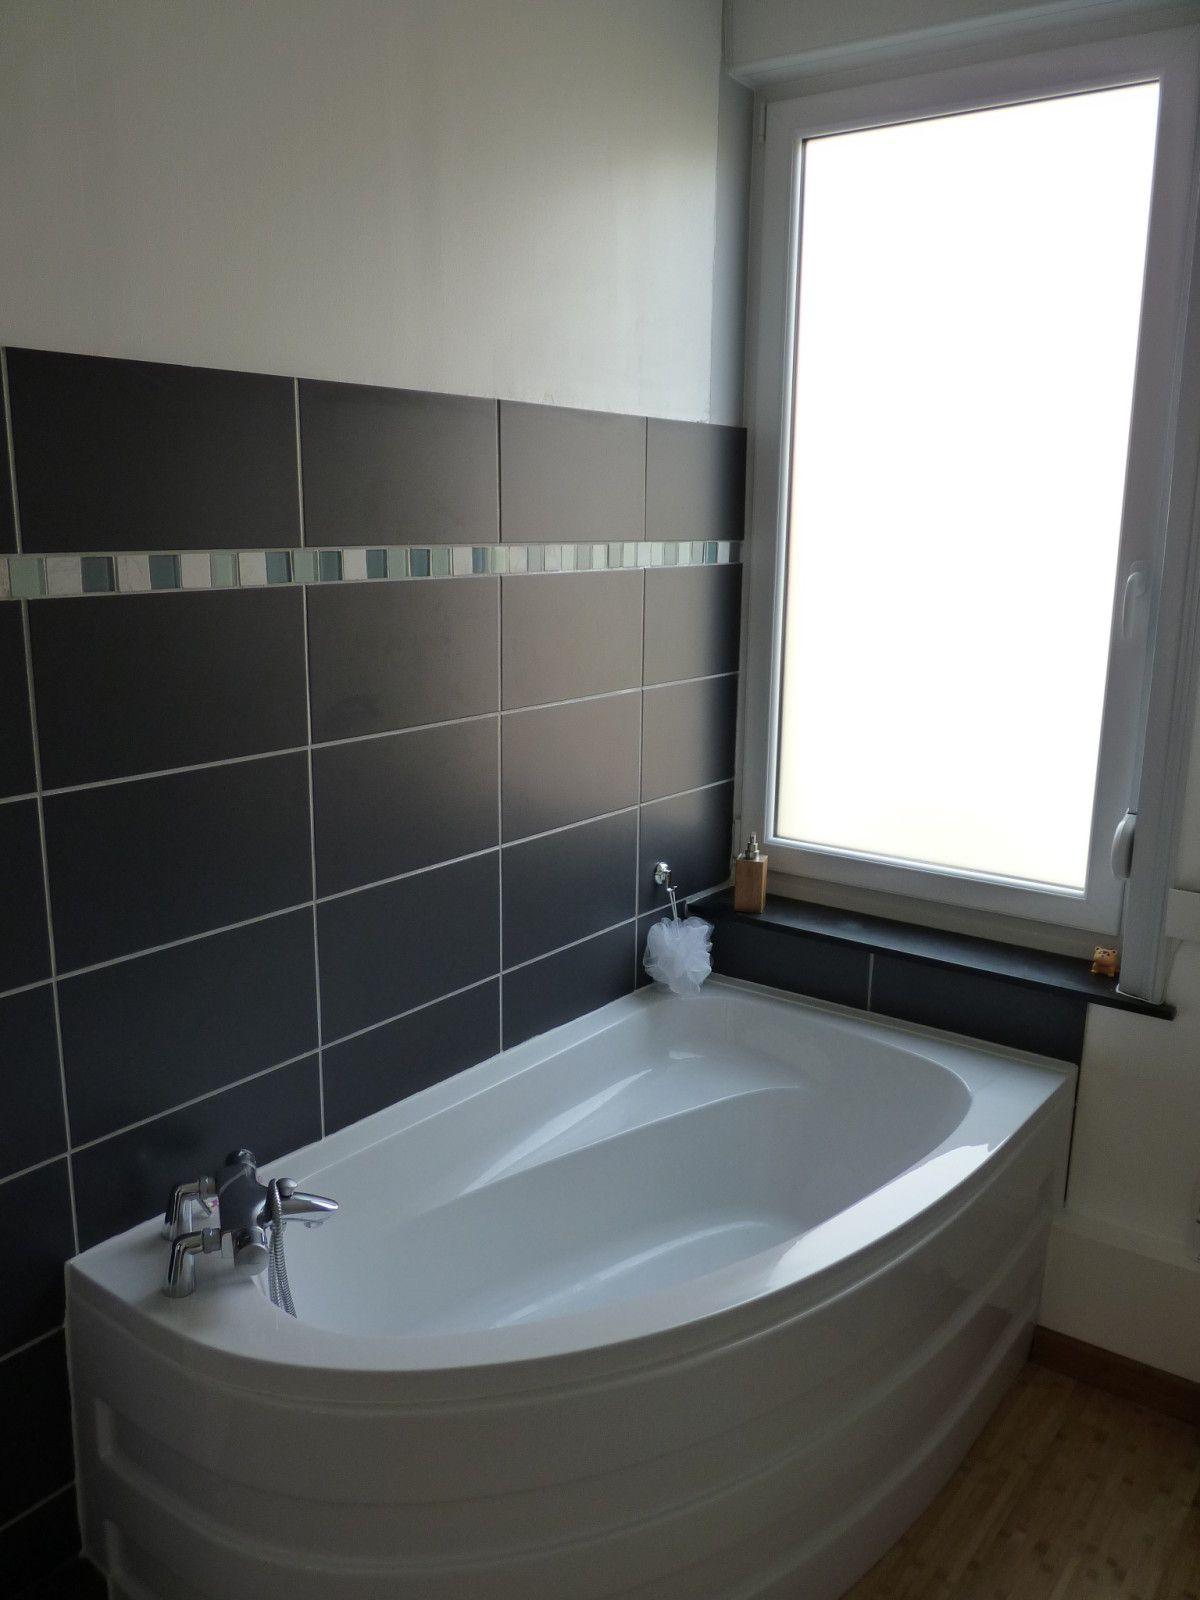 salle de bain de 6m2 baignoire douche wc recherche google